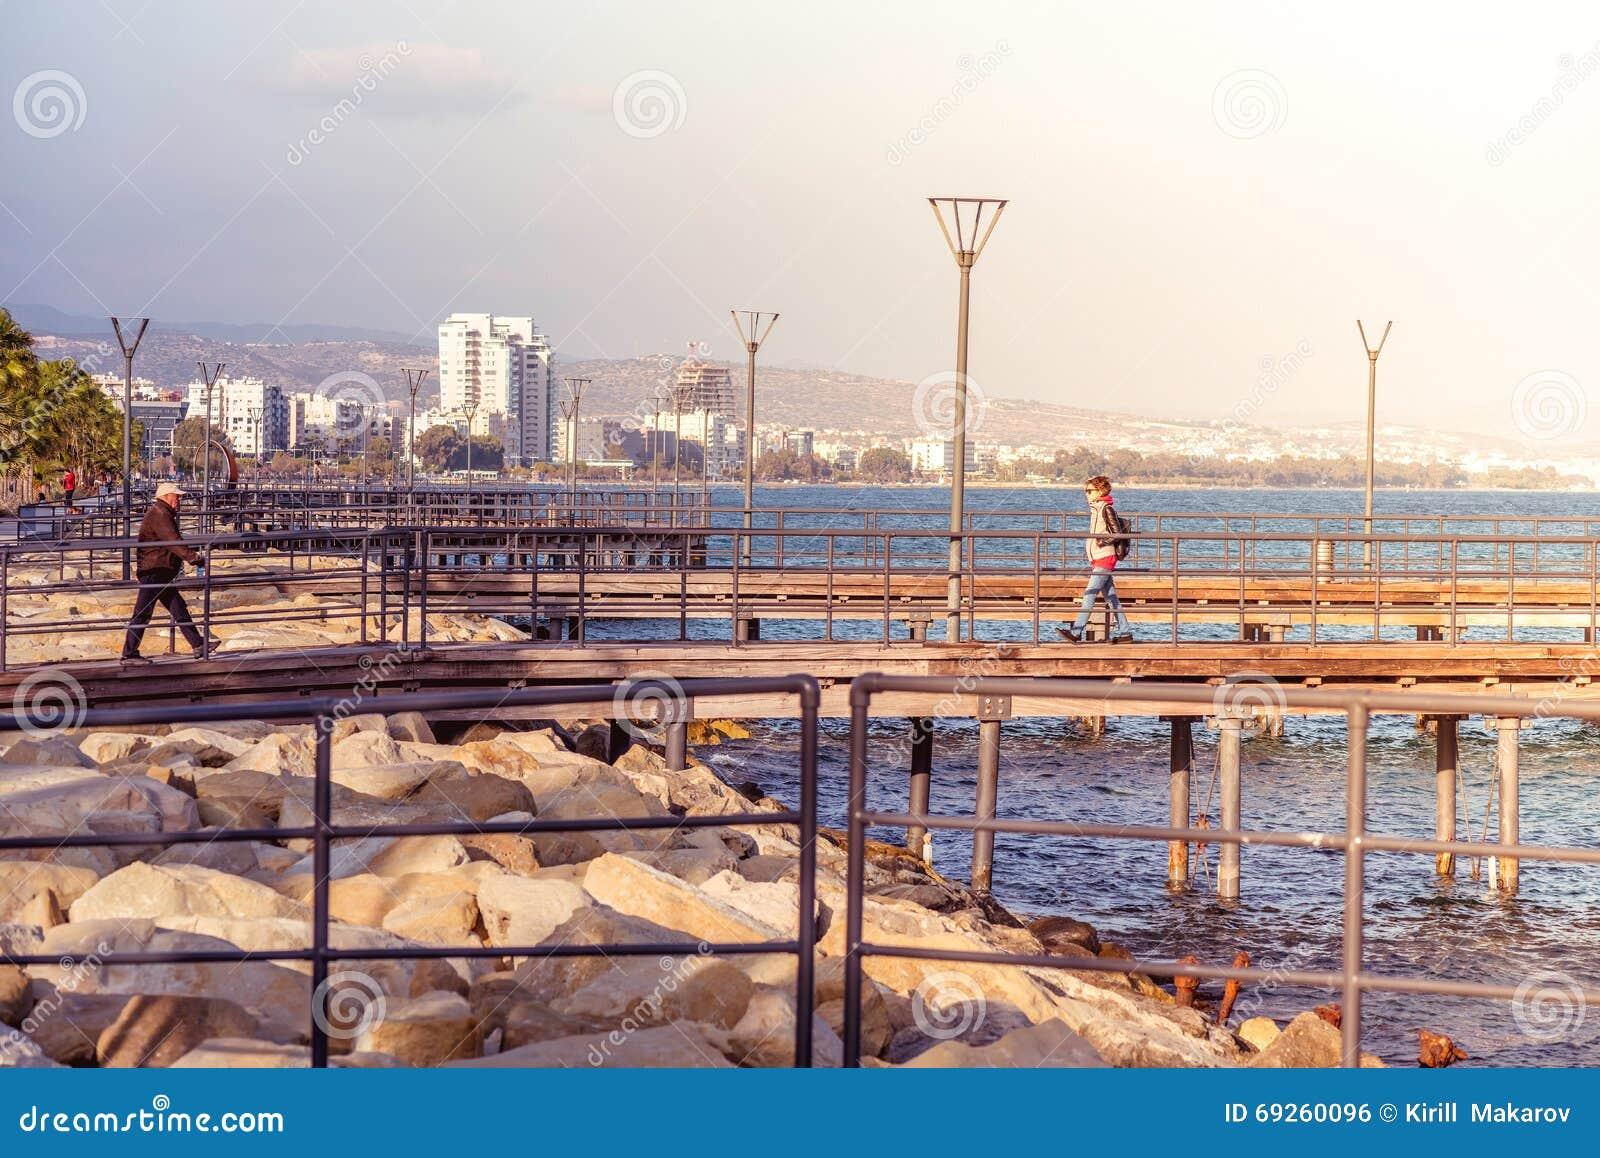 LIMASSOL, CHYPRE - 8 mars 2016 : Le bord de mer pi en bois de Limassol